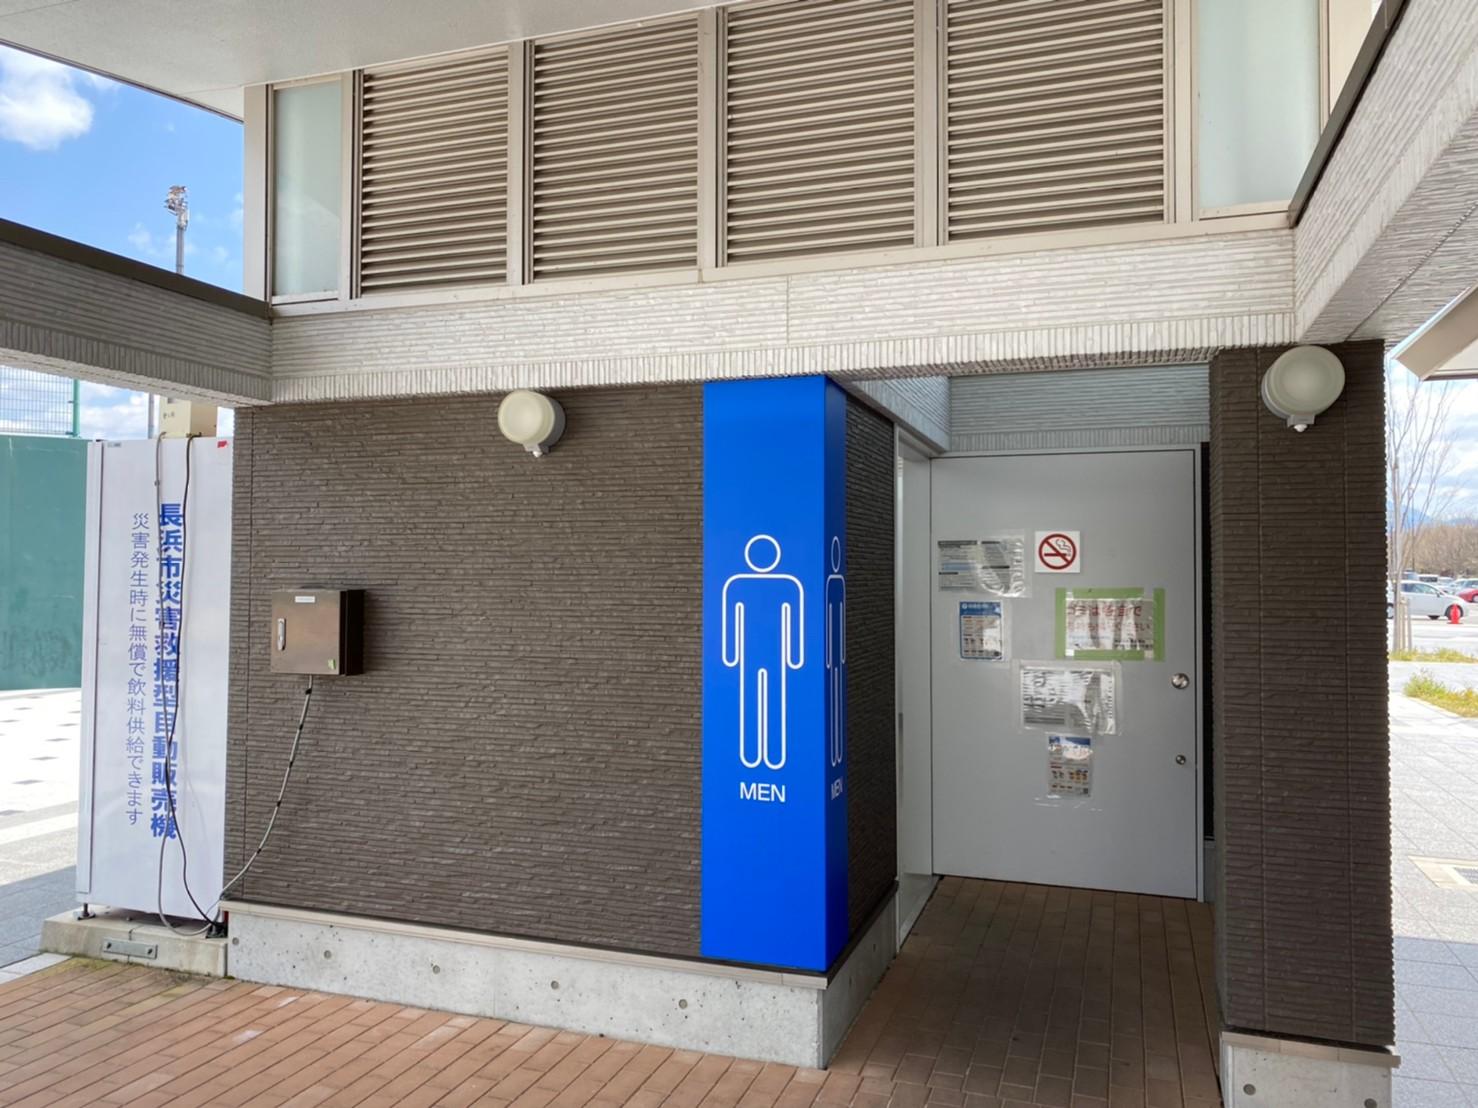 【羽柴秀吉が築城】『長浜城』の駐車場・写真ガイド